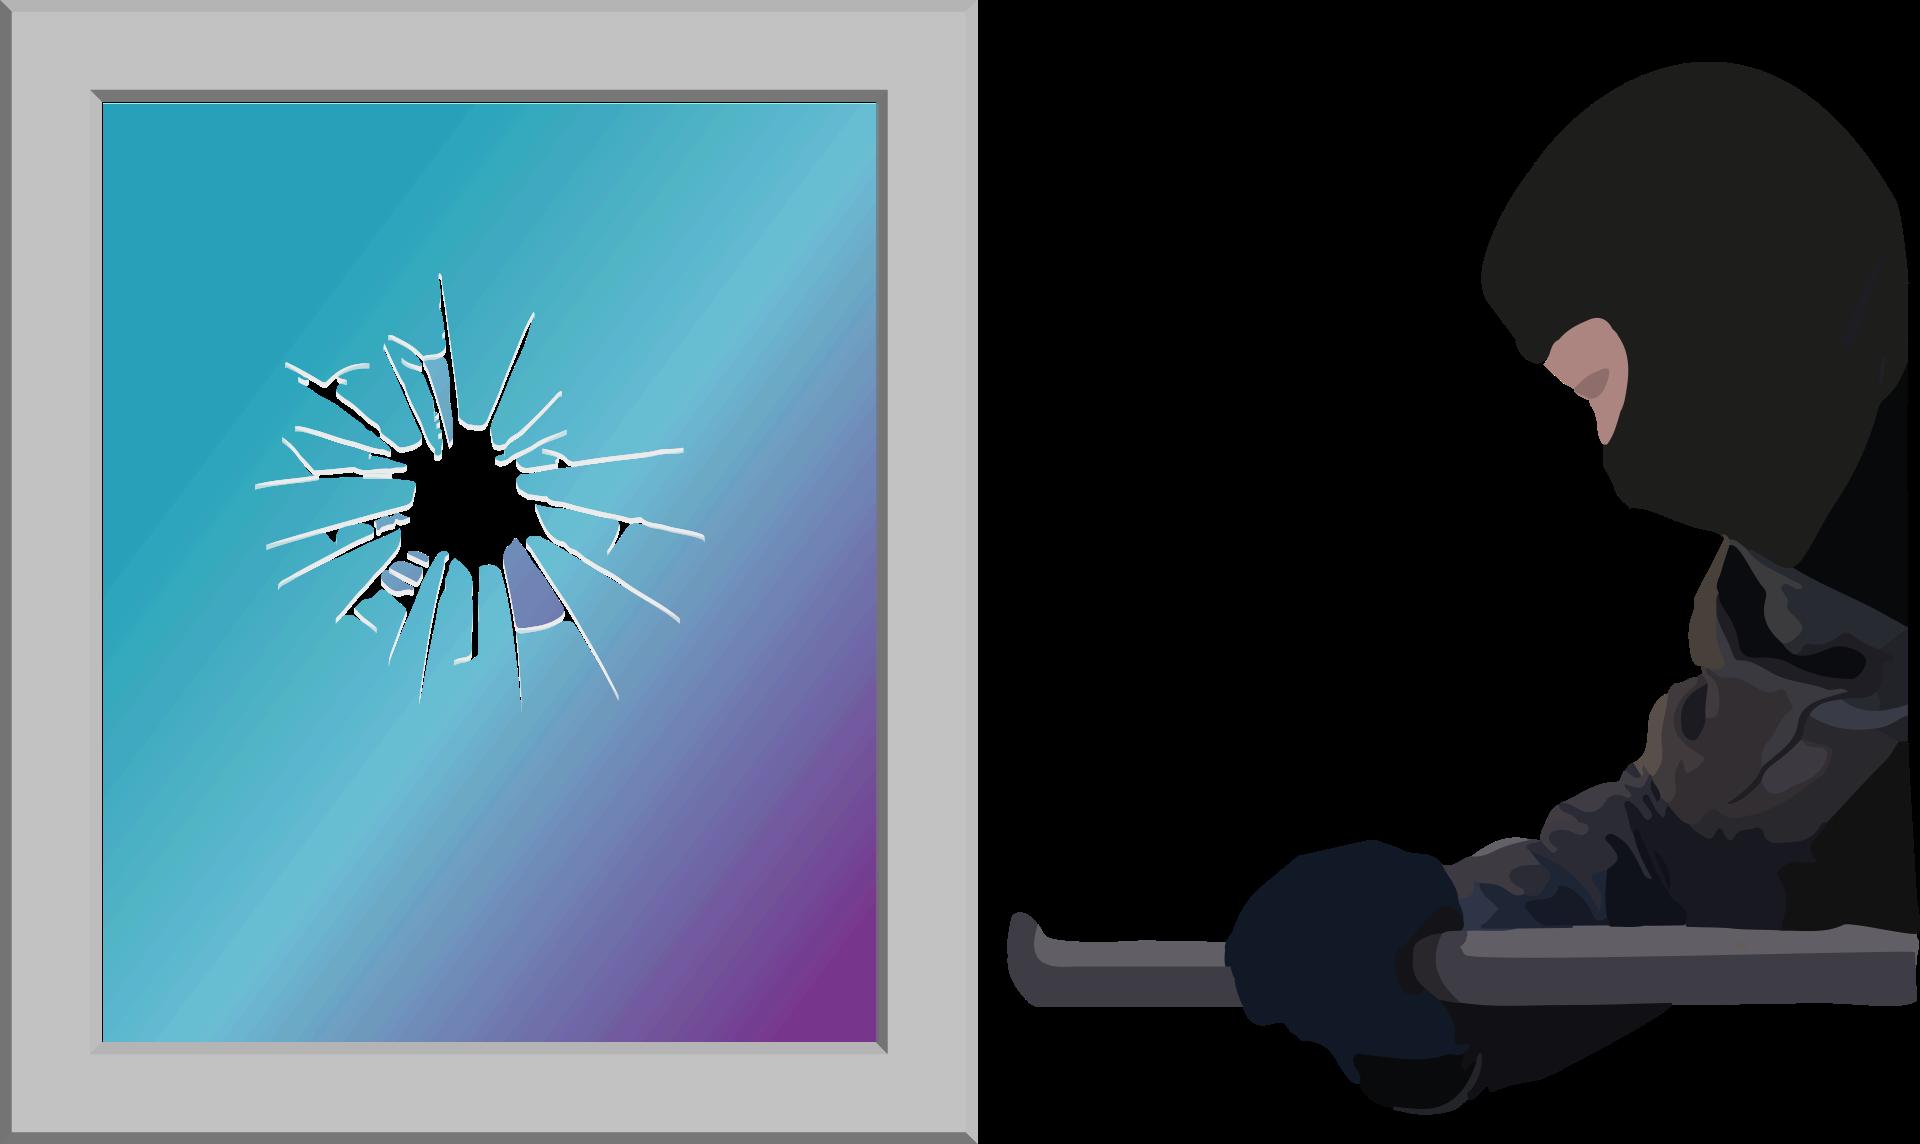 Full Size of Folie Einbruchschutz Fenster Kaufen Internorm Preise Holz Alu Mit Lüftung Schallschutz Abdichten Für Folien Sichtschutz Rehau Stores Plissee Drutex Fenster Einbruchschutz Fenster Folie